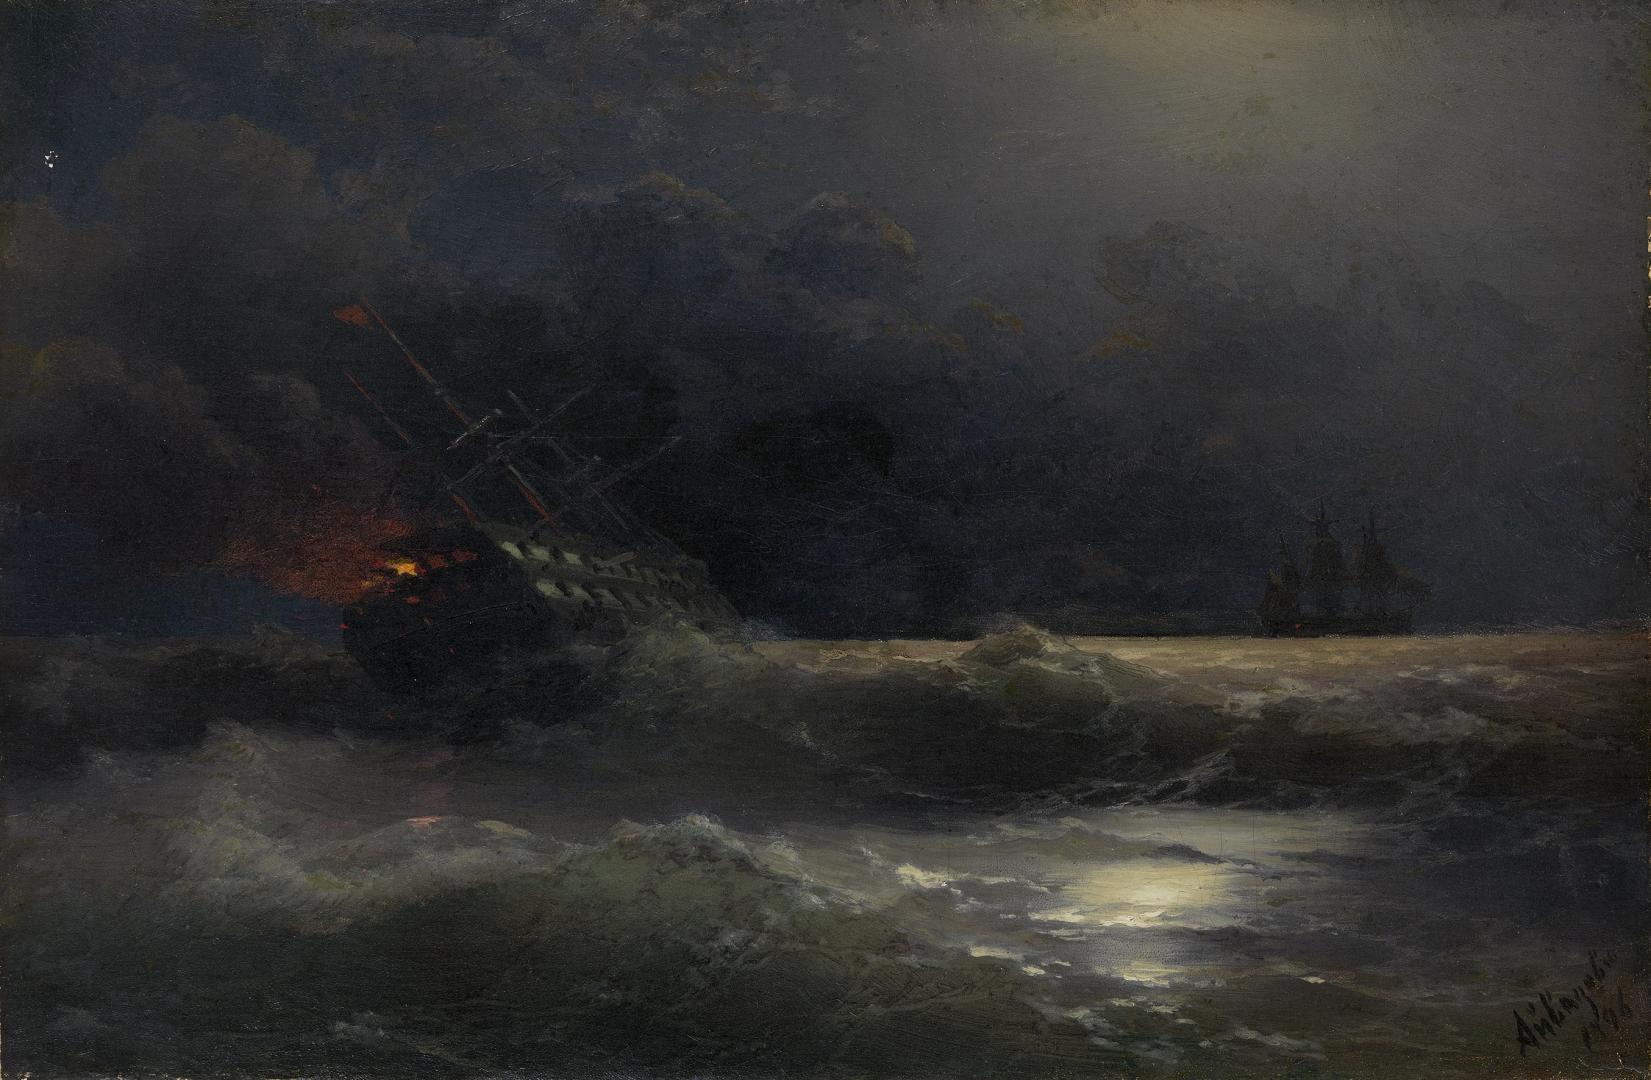 Иван Айвазовский. Горящий корабль.1896